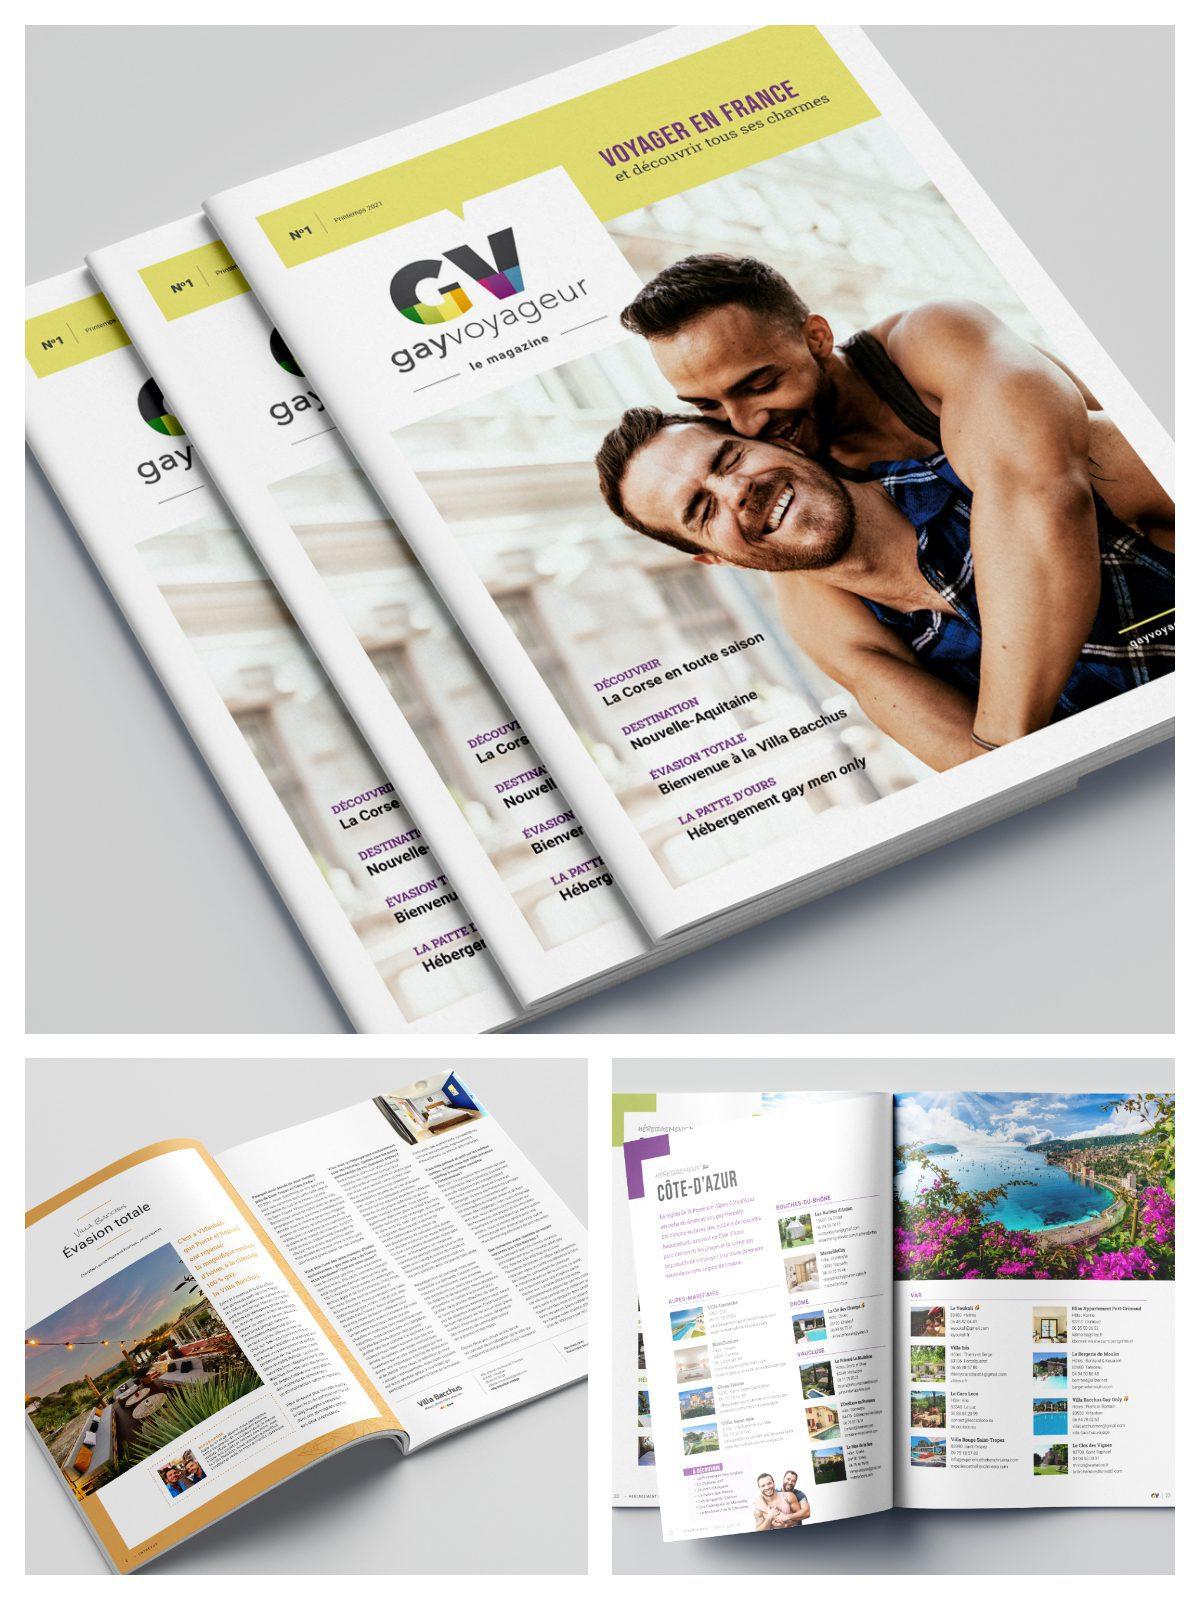 Gay Voyageur - Le Magazine numéro 1